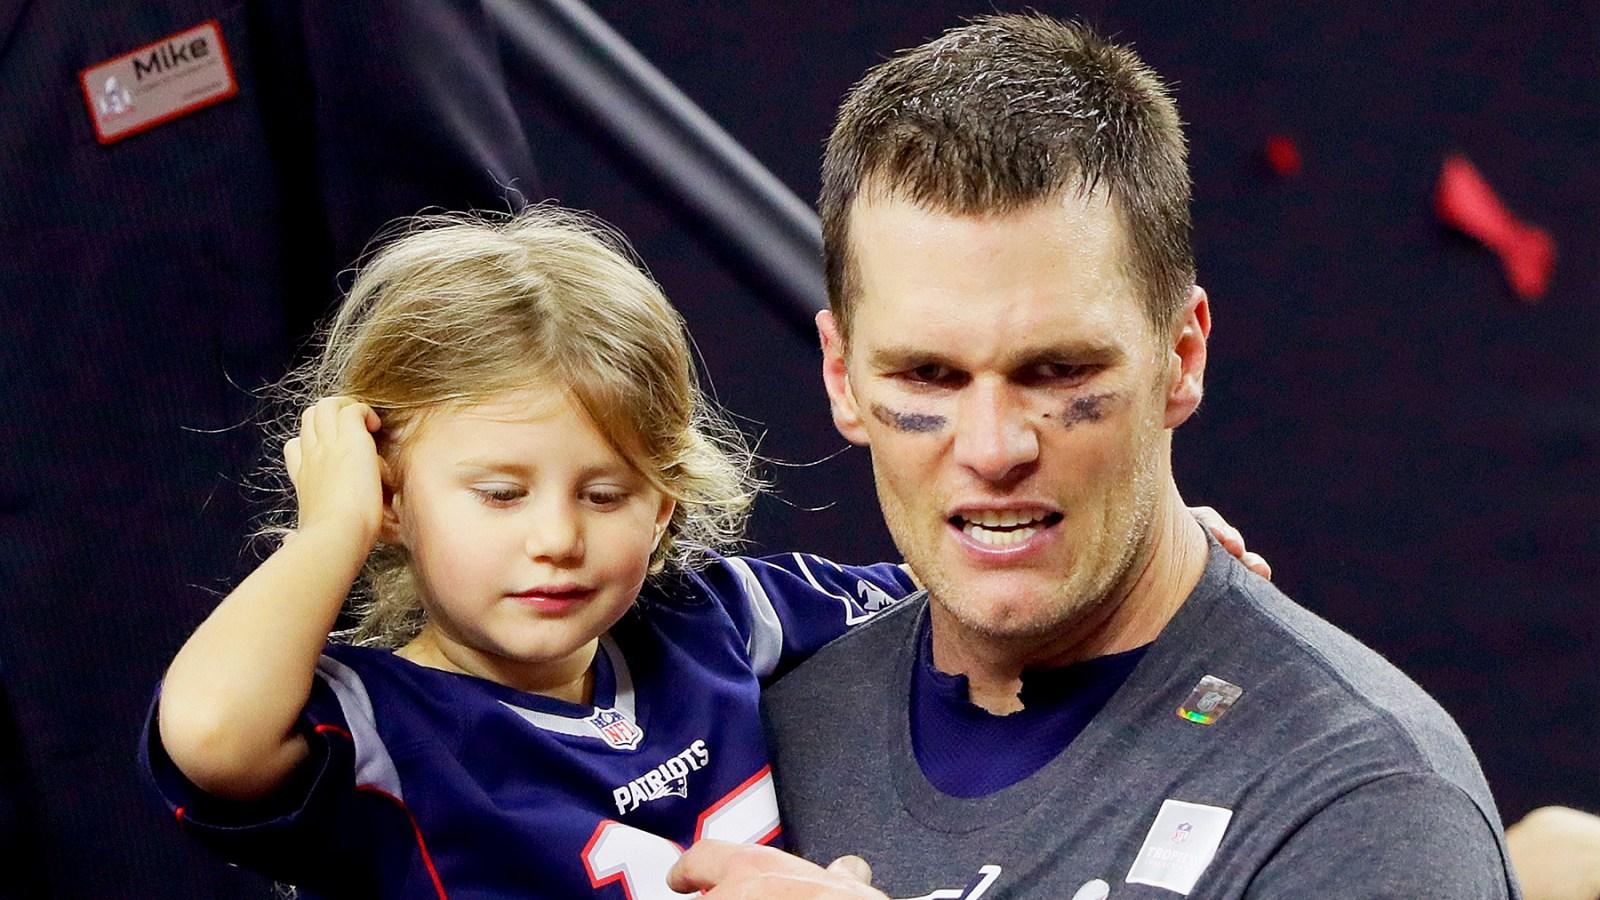 Tom Brady interrompe entrevista após comentário 'frustrante' de apresentador sobre sua filha